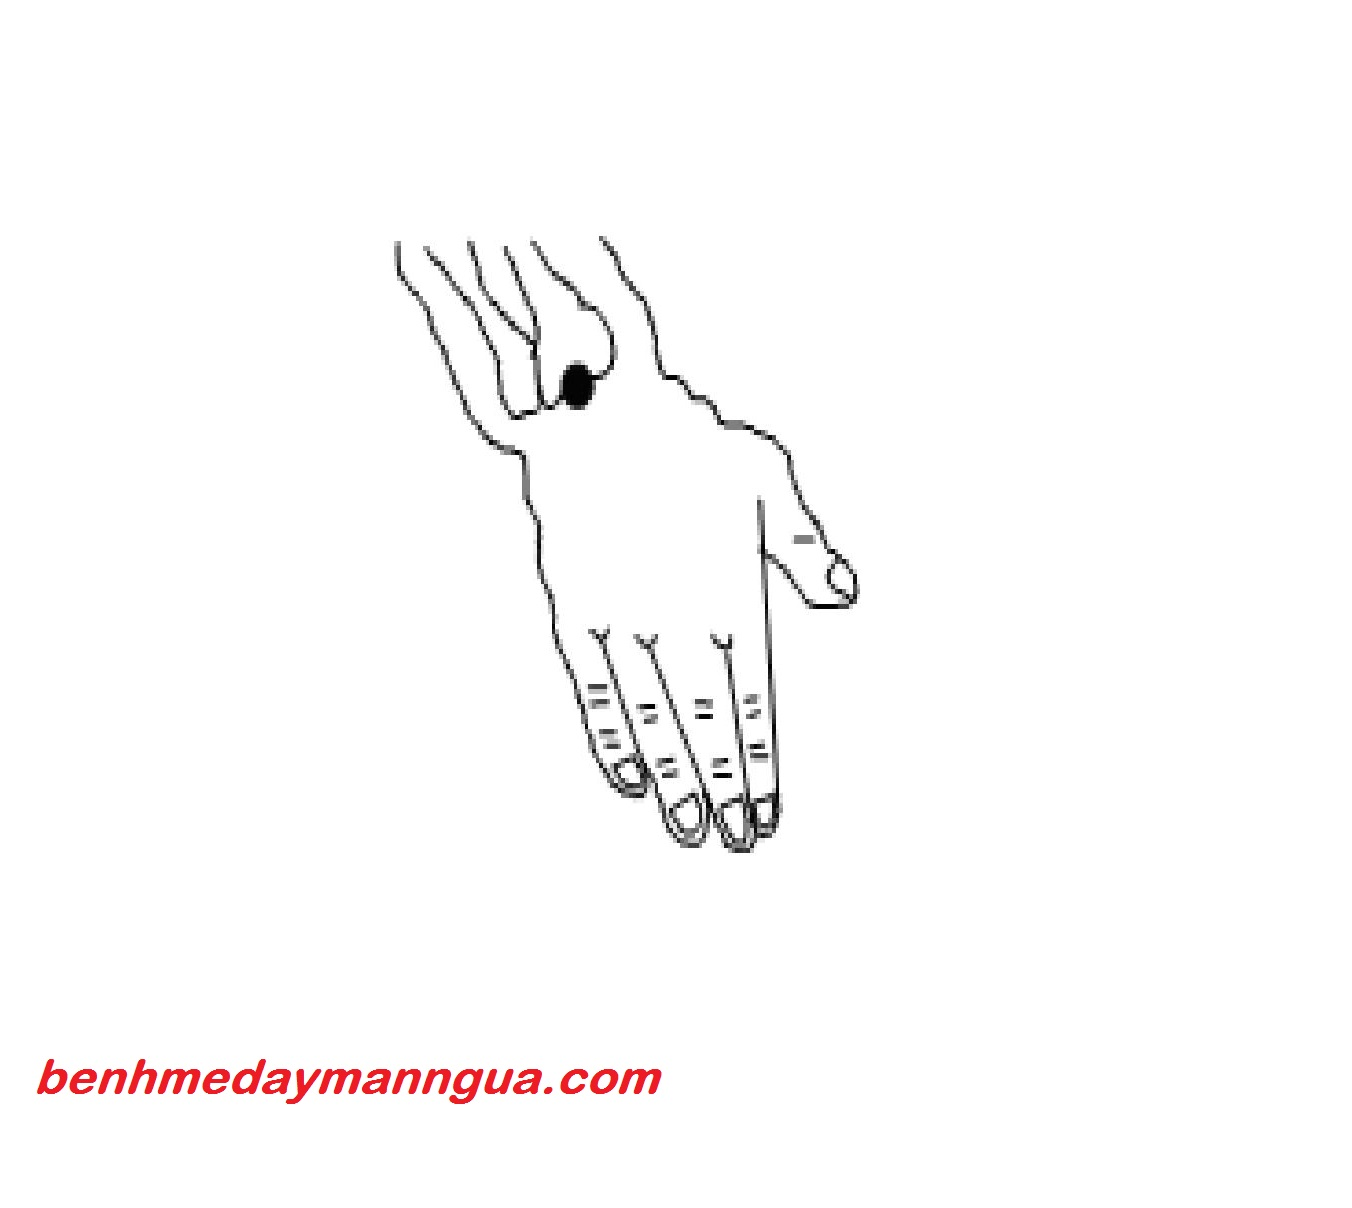 lieu-phap-bam-huyet-tri-man-ngua (2)